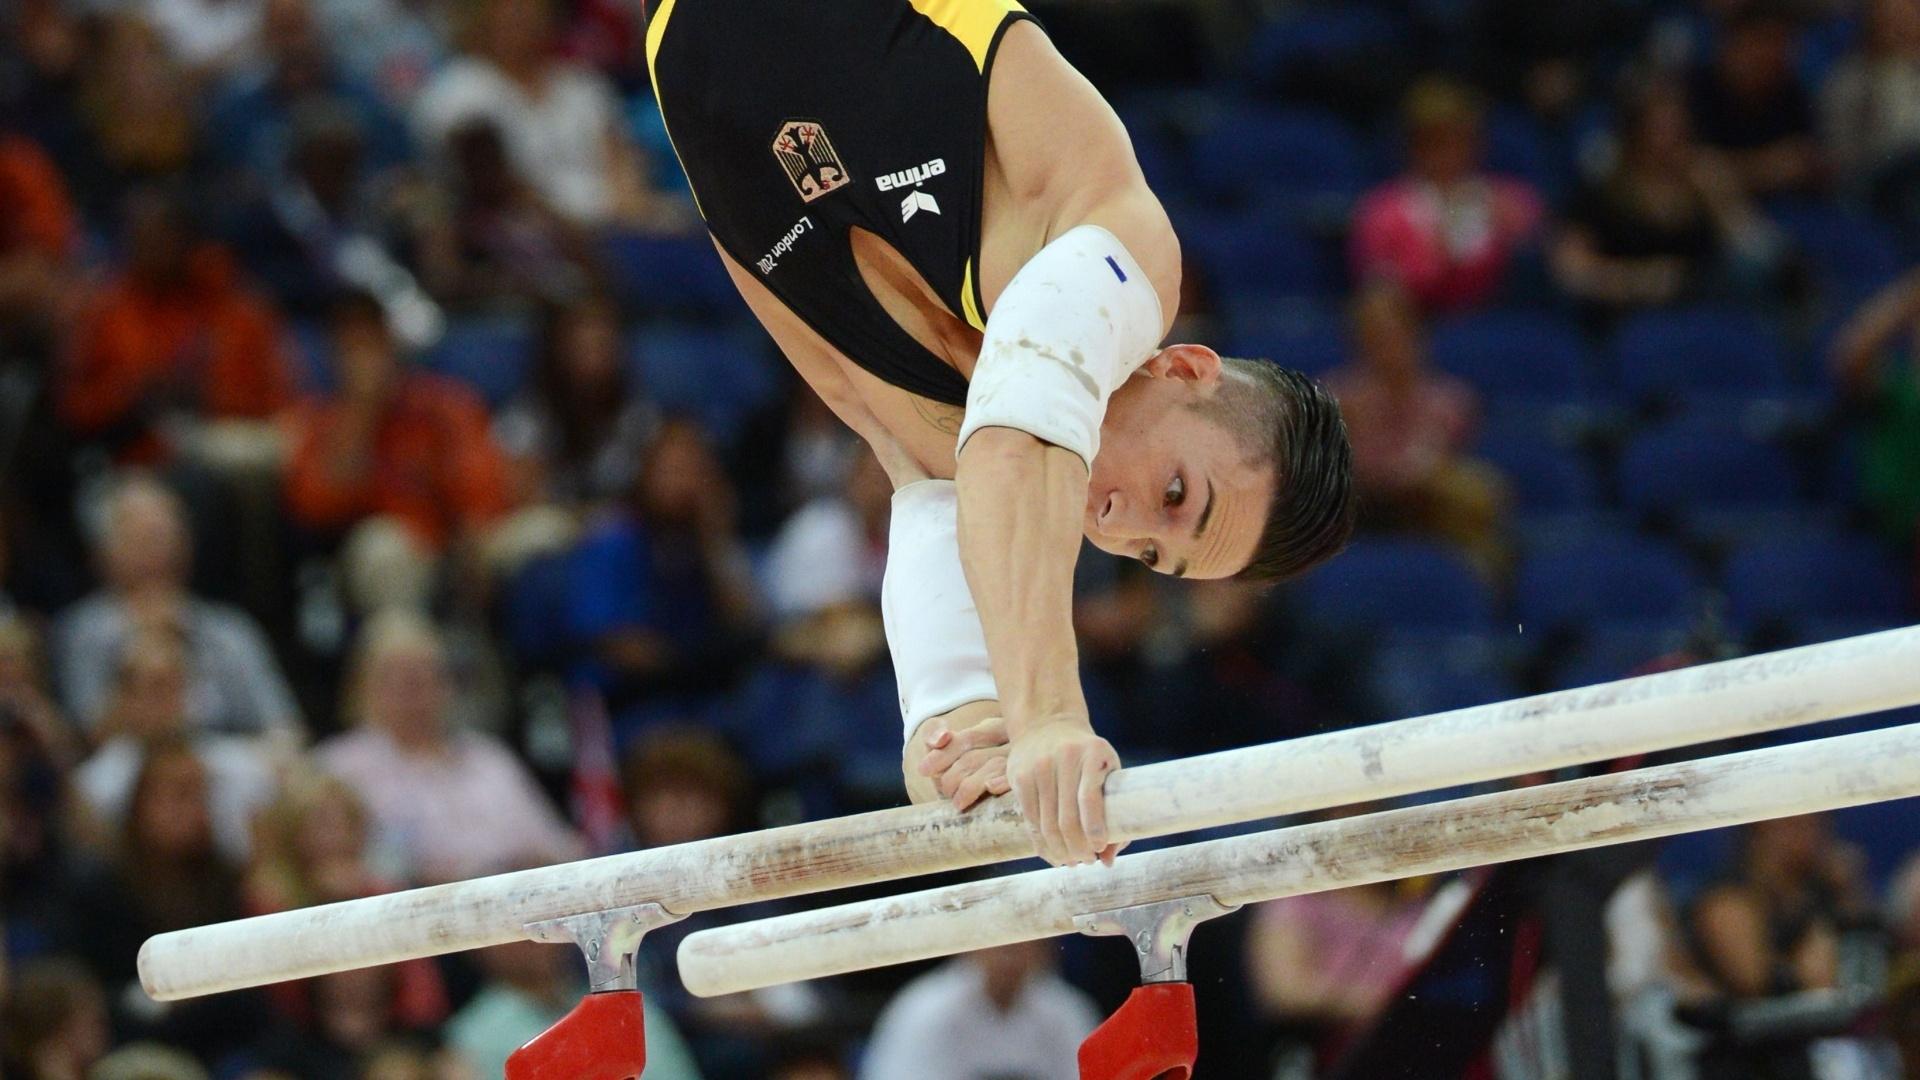 Alemão Marcel Nguyen se apresenta na final de barras paralelas no último dia da ginástica artística em Londres; ele ficou com a medalha de prata